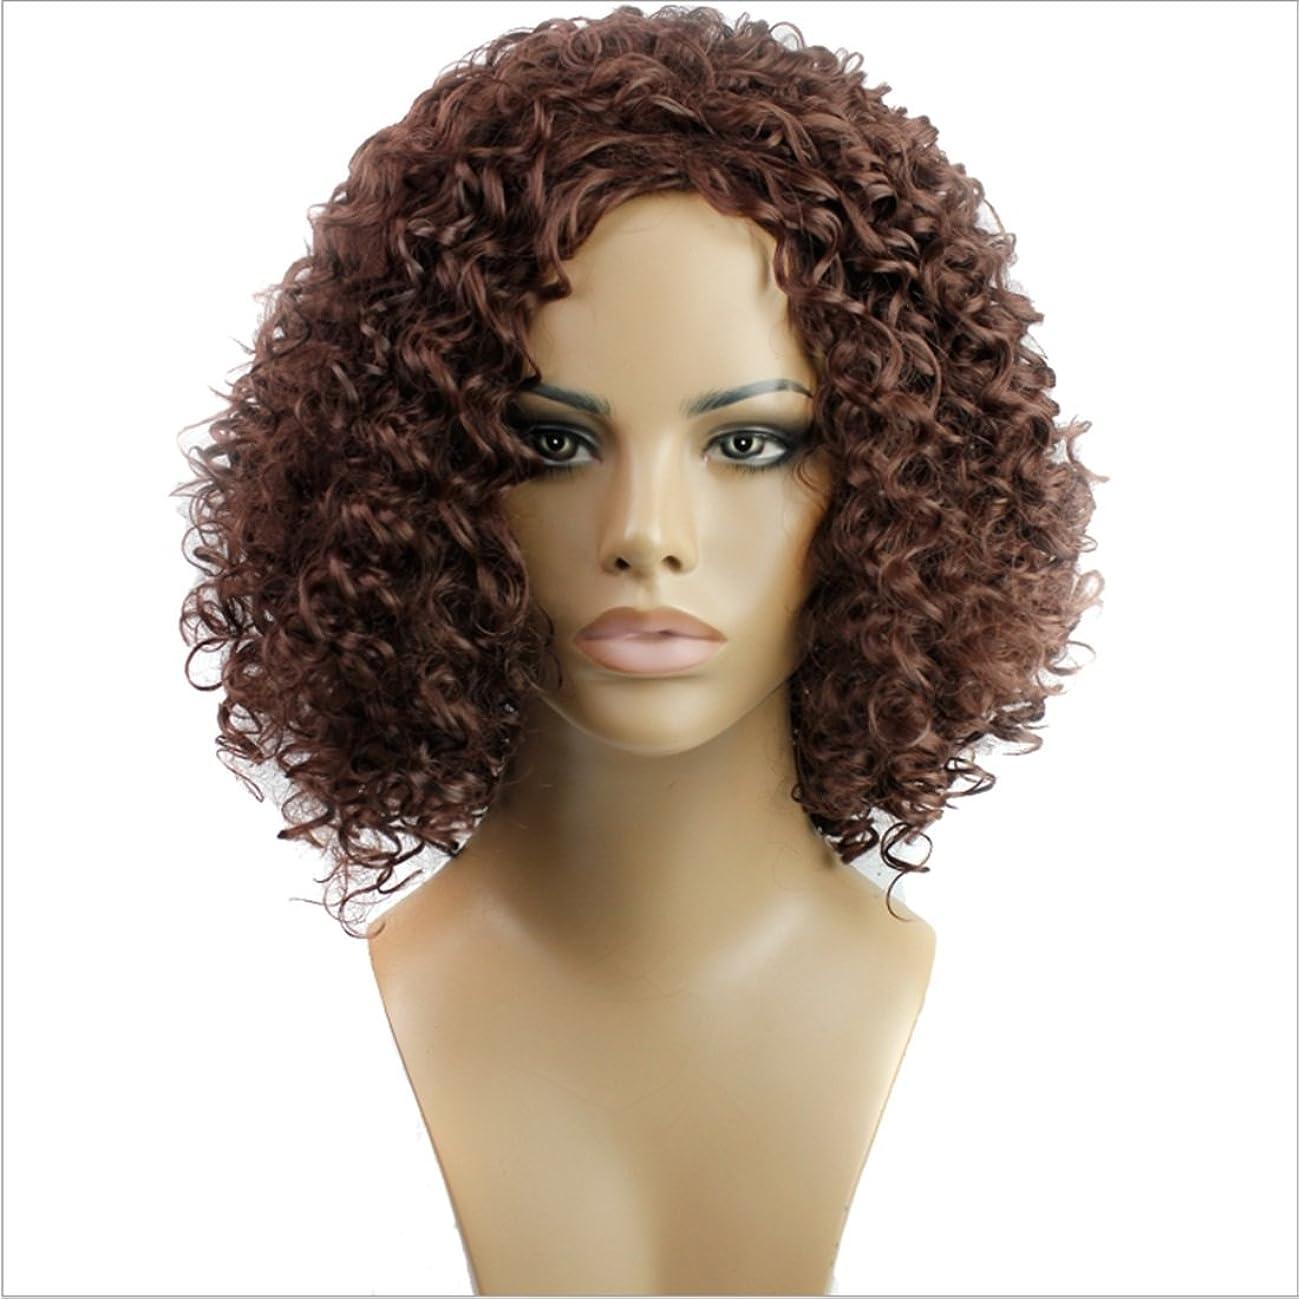 単にビーム平野JIANFU 女性のための15inch合成高温ウィッグロングバンズの短いカーリーウィッグヘアナチュラルカラーウィッグ耐熱性210g(ワインレッド、ブラック) (Color : Wine red)